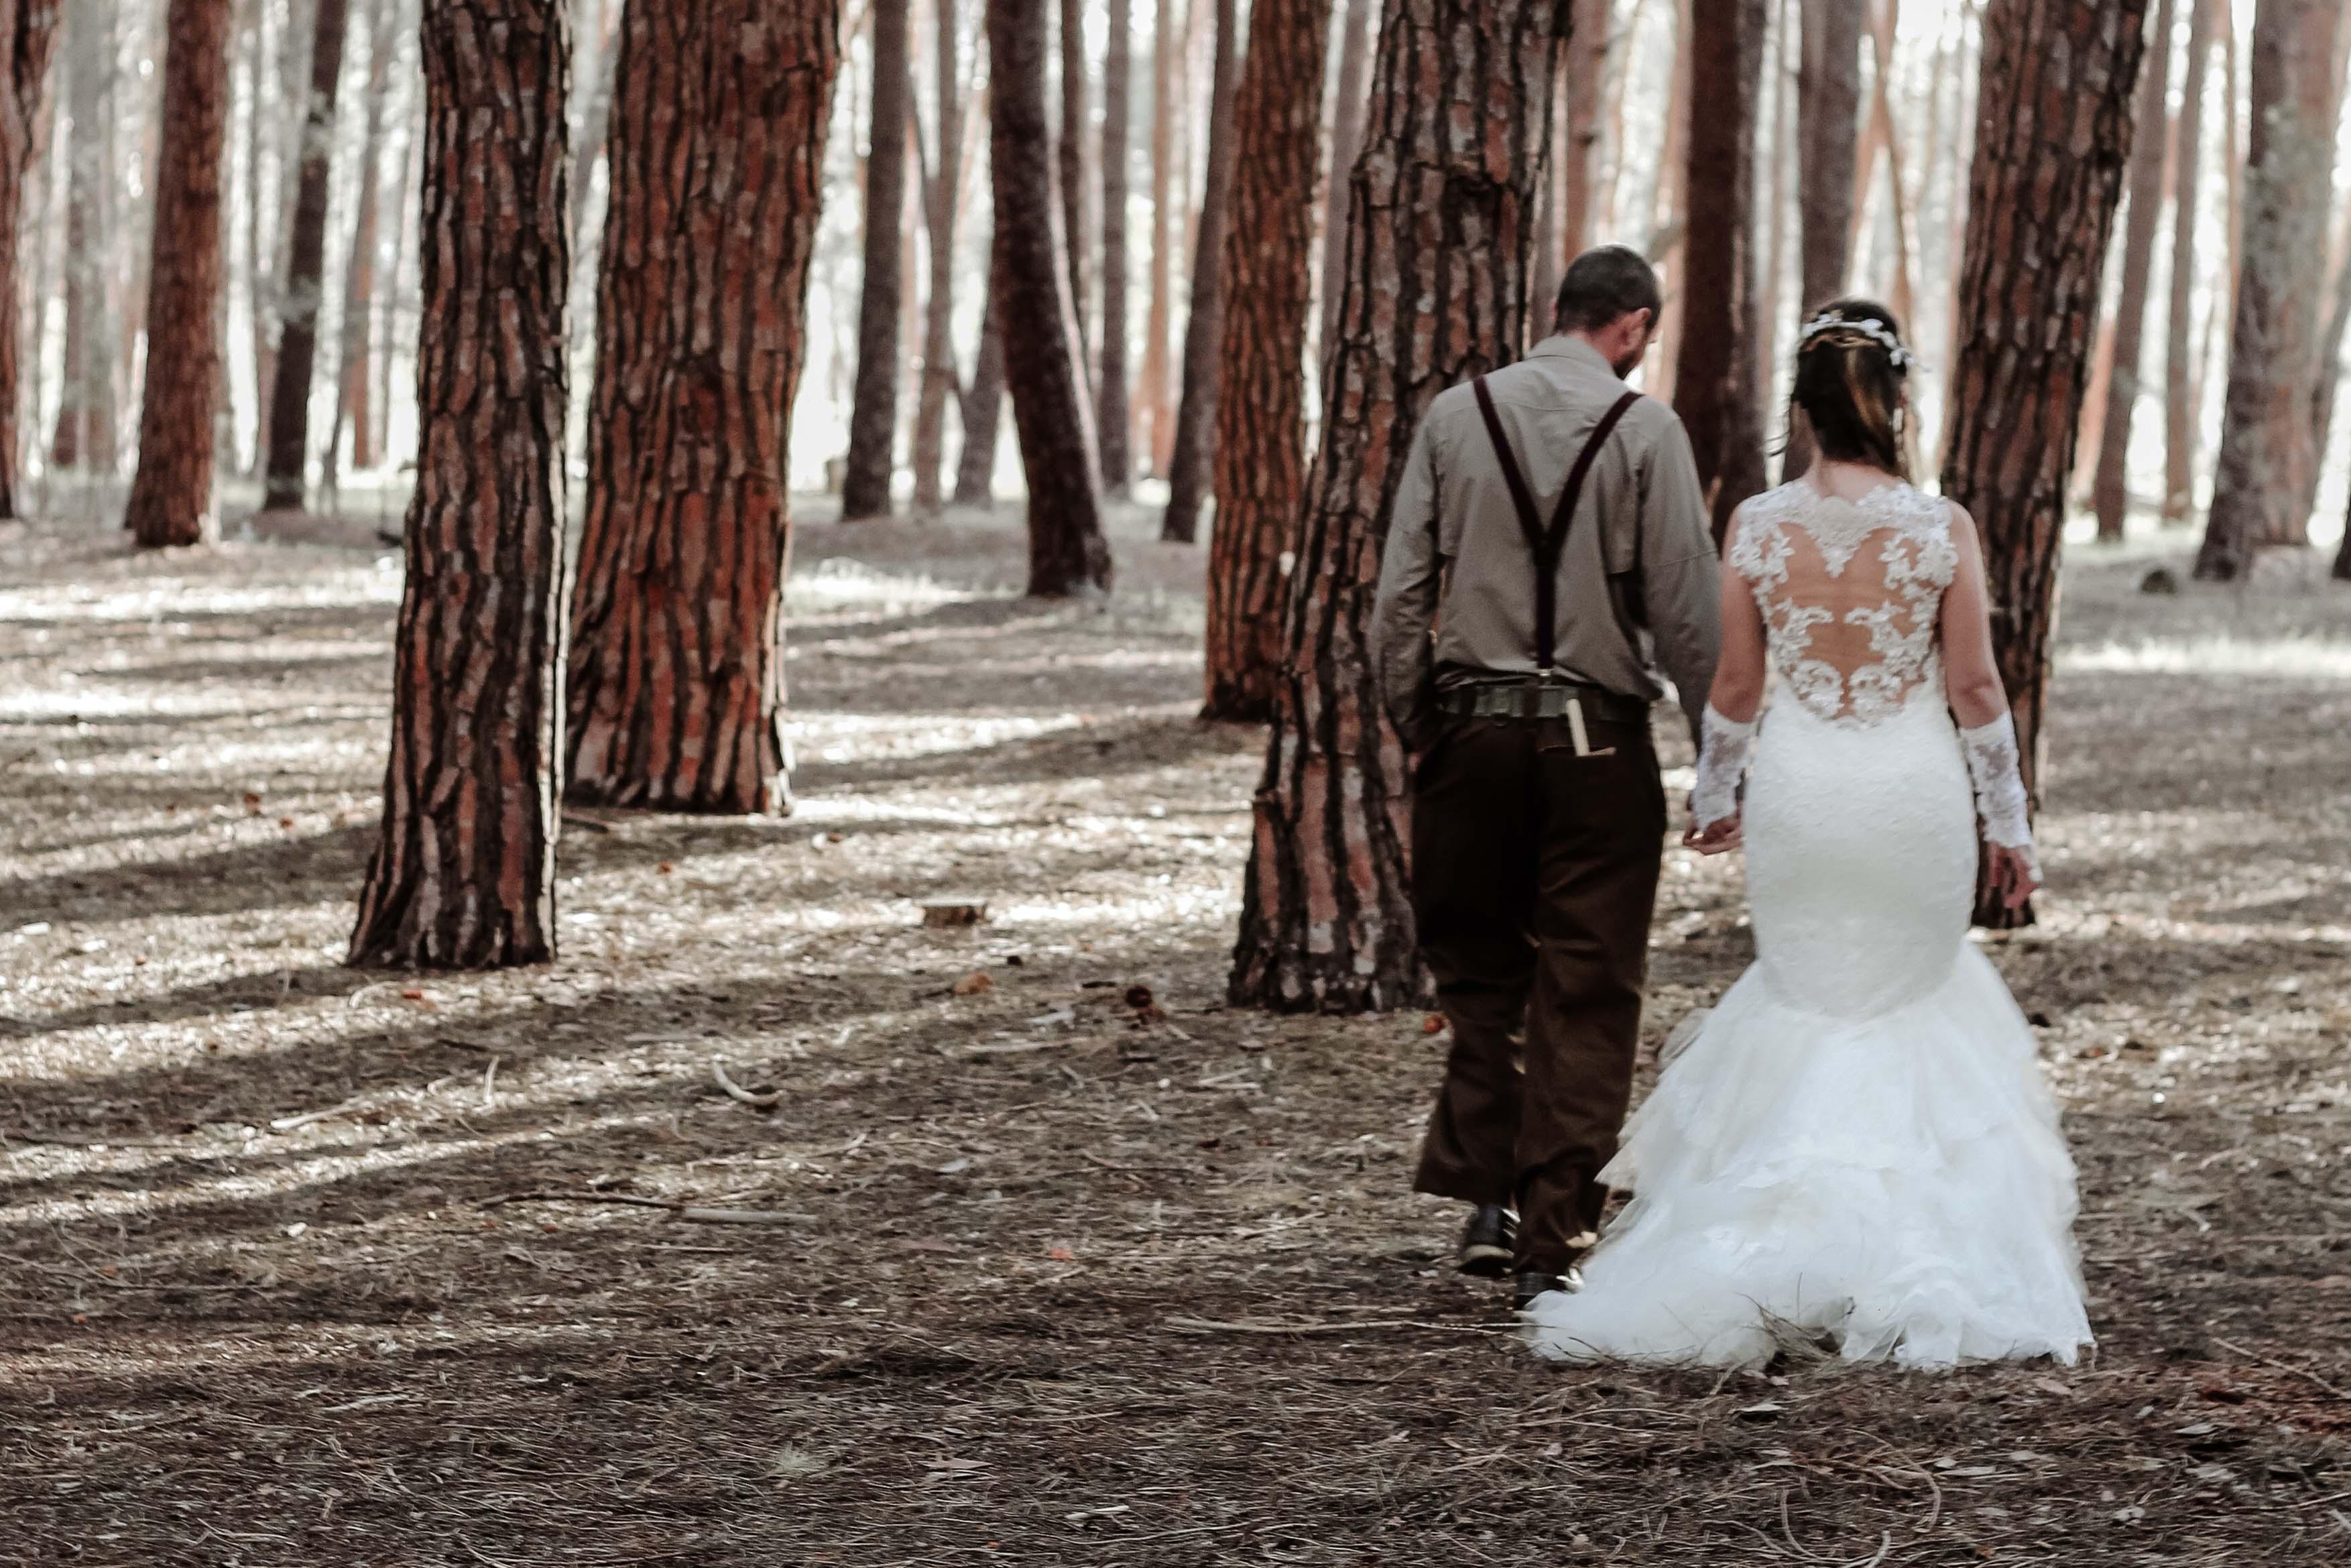 Mountain breeze wedding 2